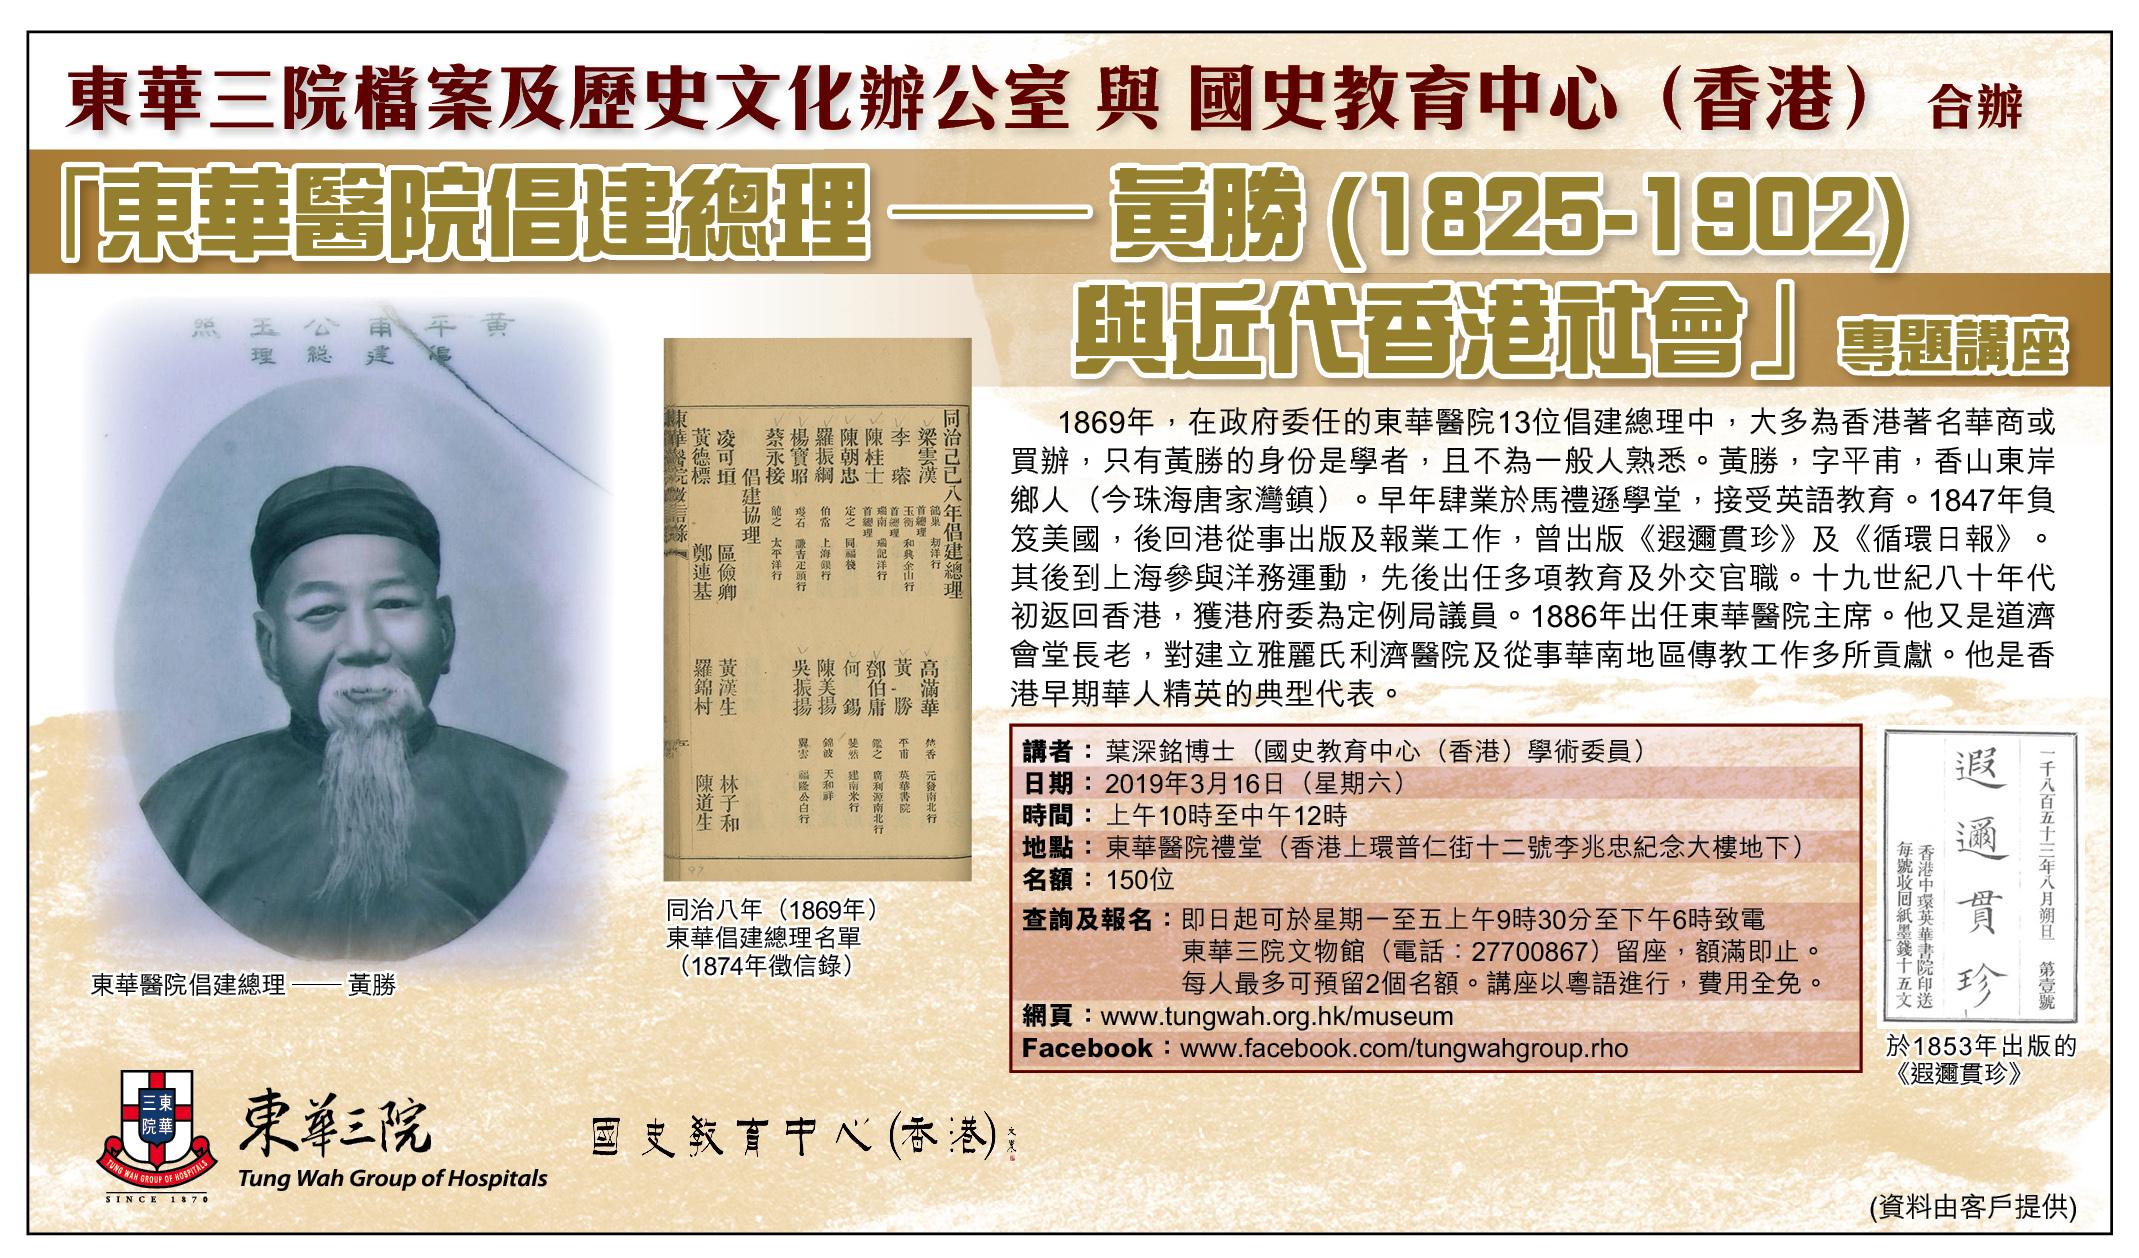 「东华医院倡建总理── 黄胜(1825-1902)与近代香港社会」  -AM730广告稿 (2019.3.16)